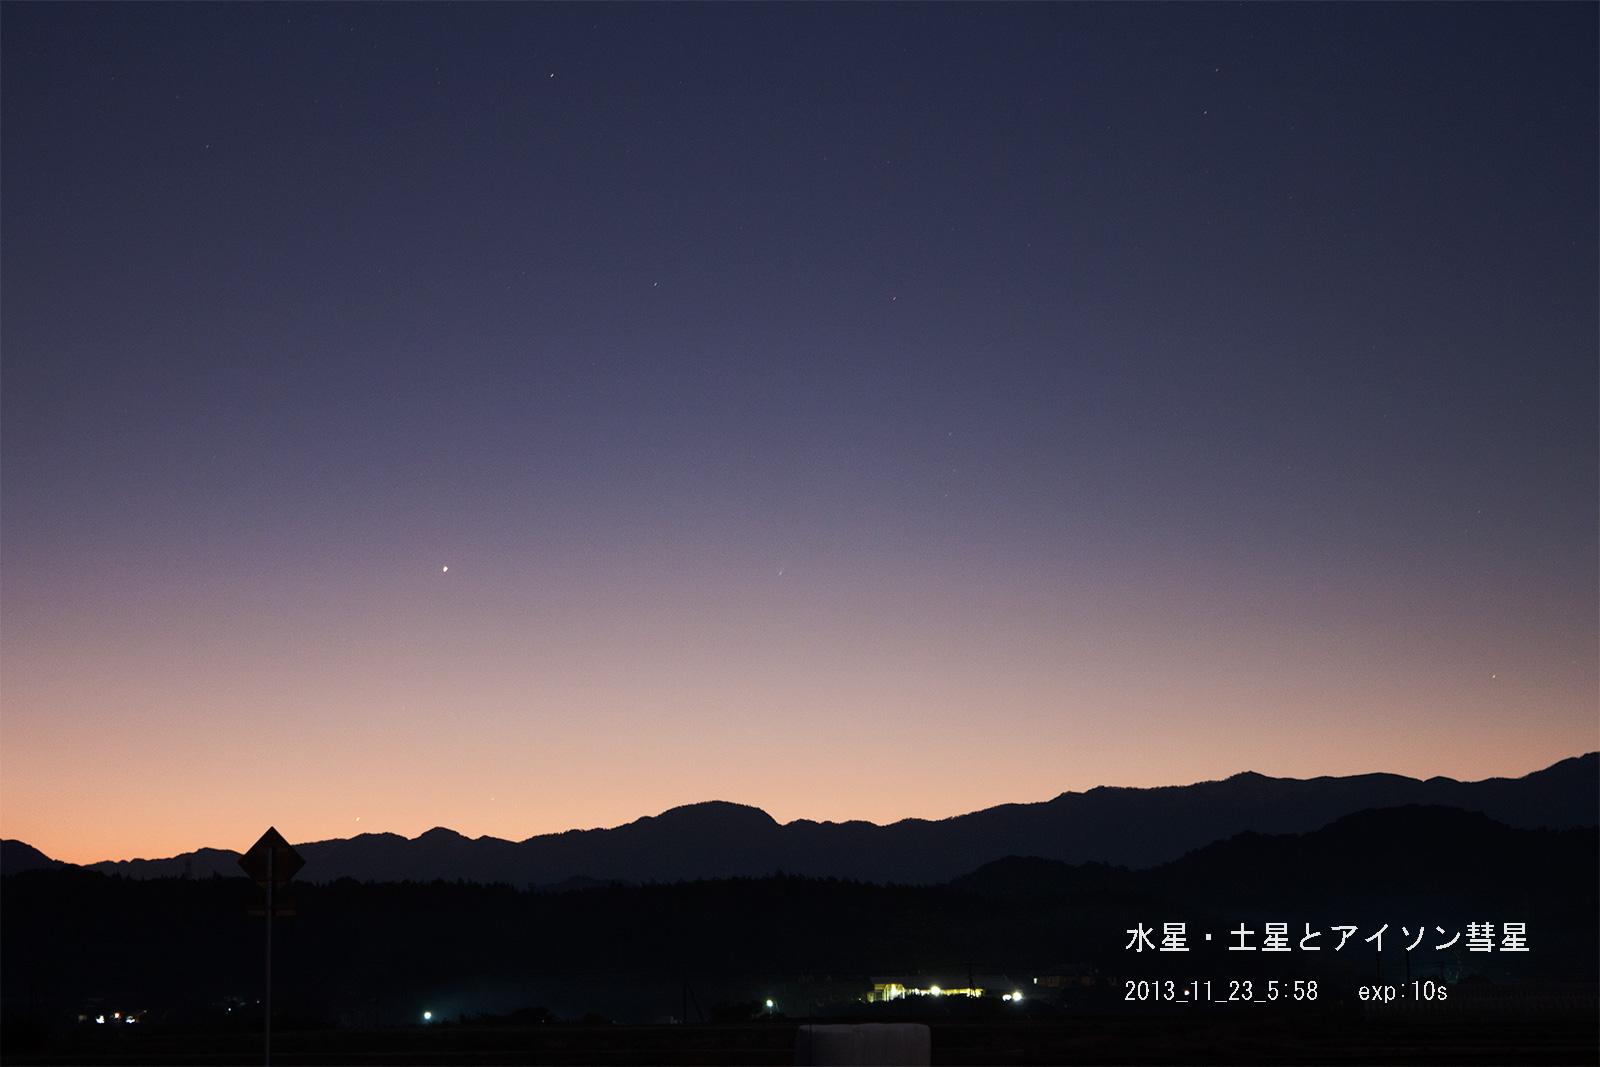 11月23日のアイソン彗星_e0174091_14162628.jpg